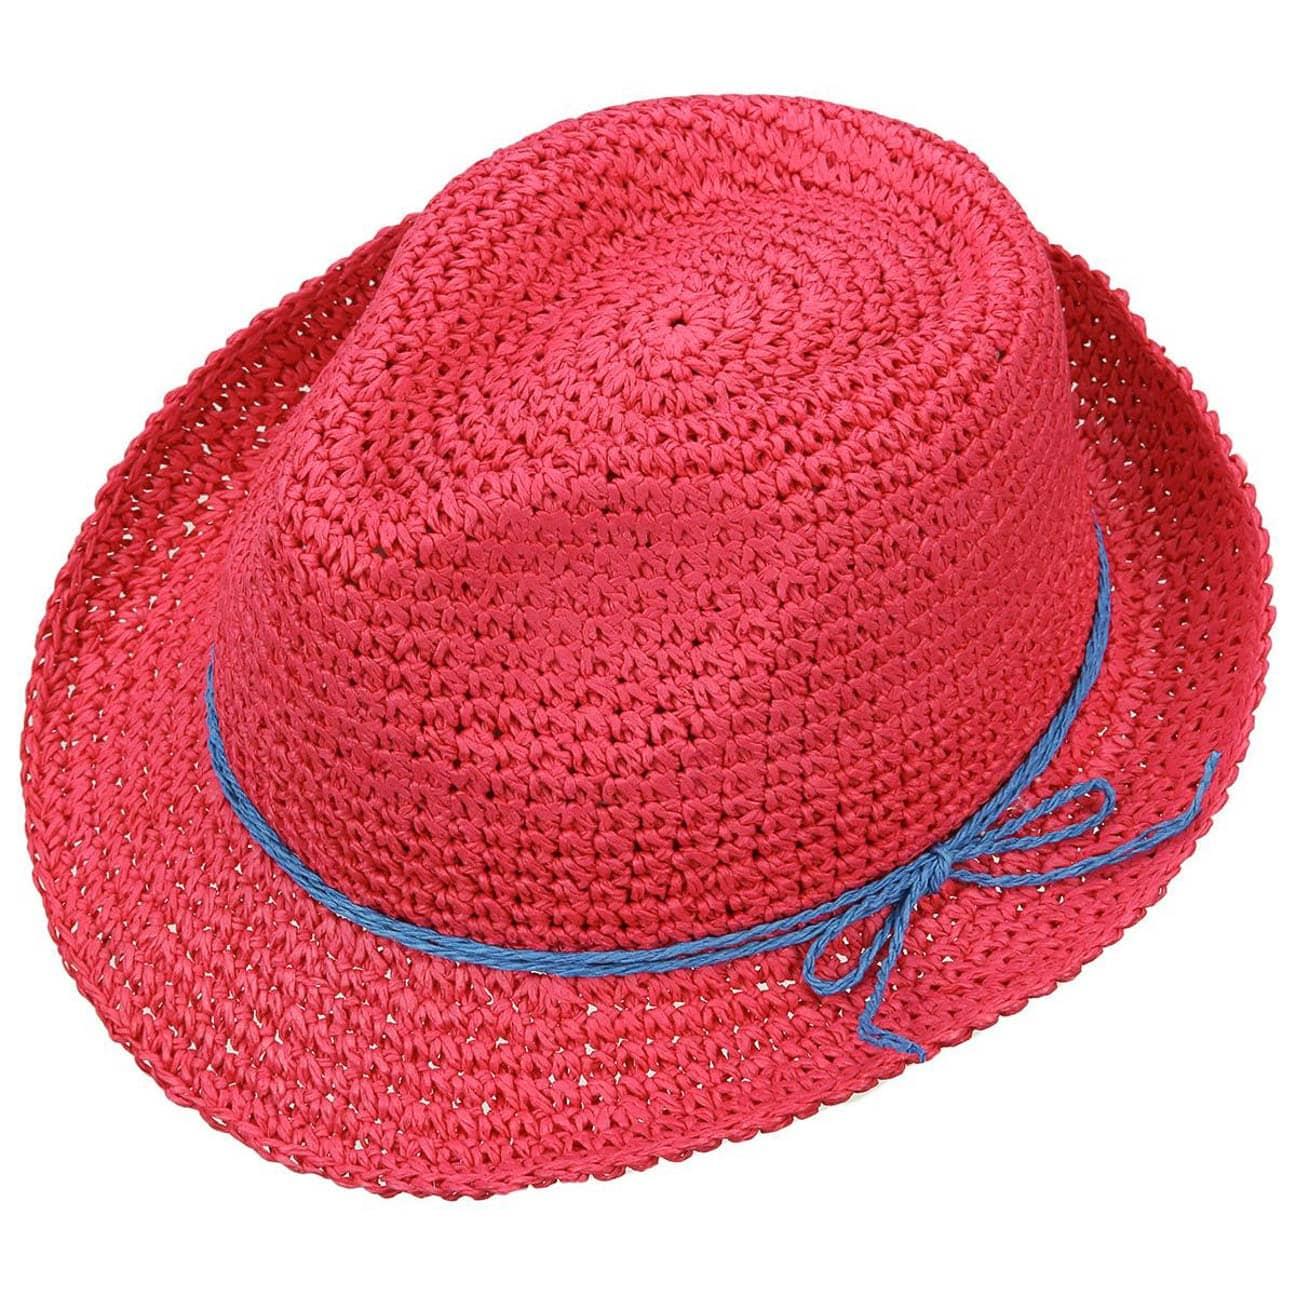 Sombrero de Paja para Niña by Döll - Sombreros - sombreroshop.es 33f951337c1